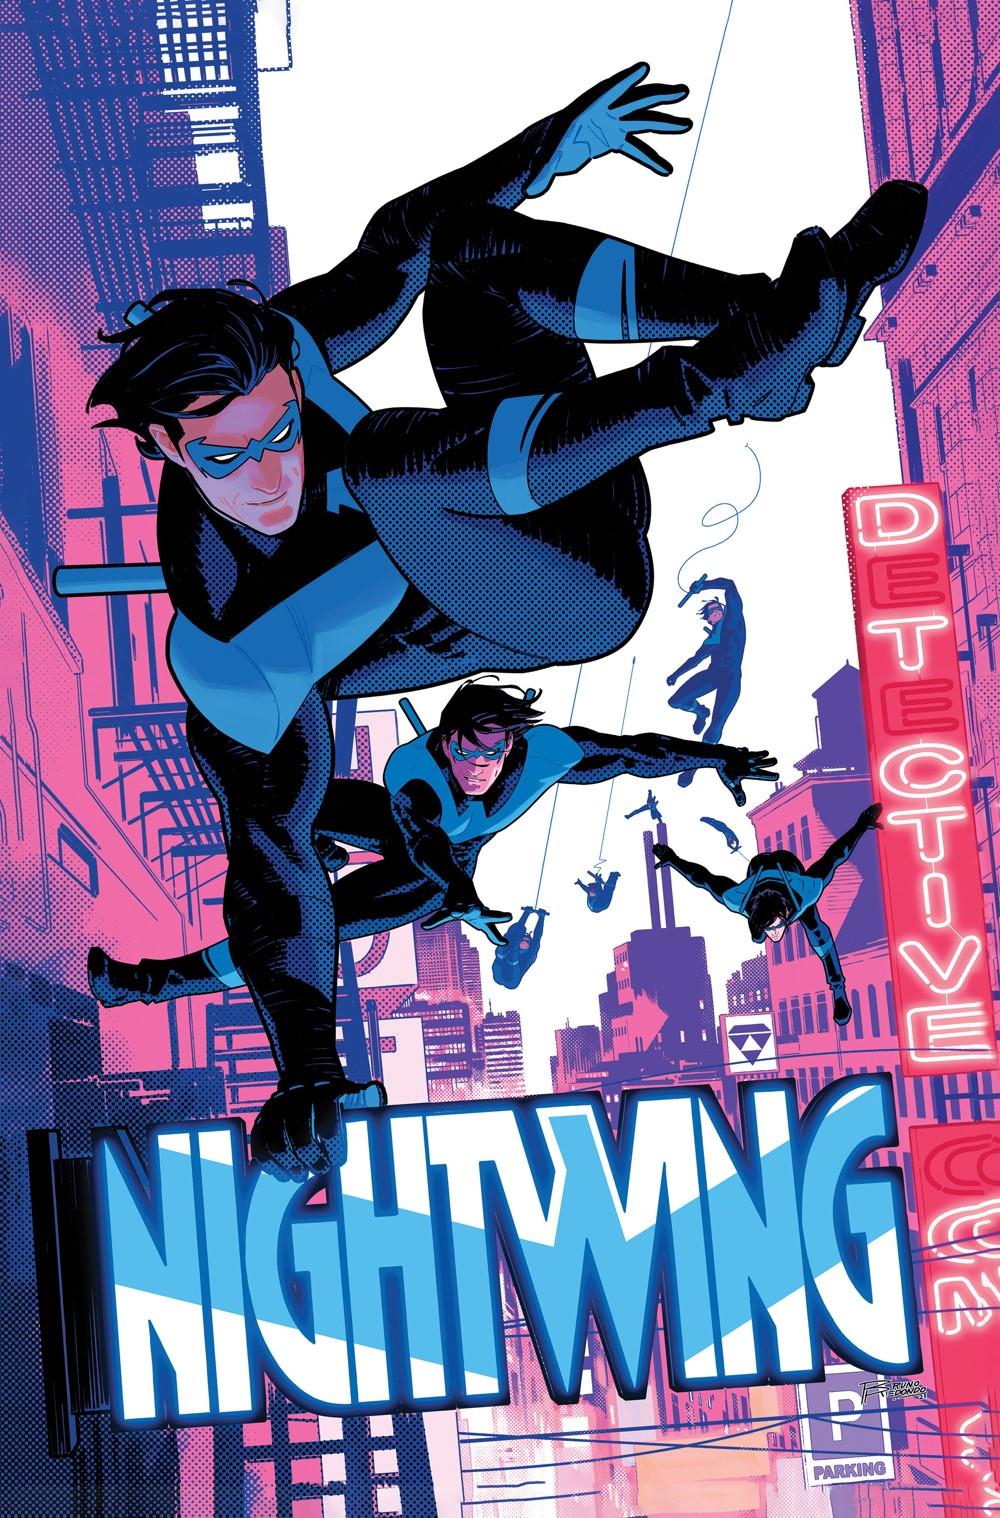 NTW_Cv87 DC Comics December 2021 Solicitations